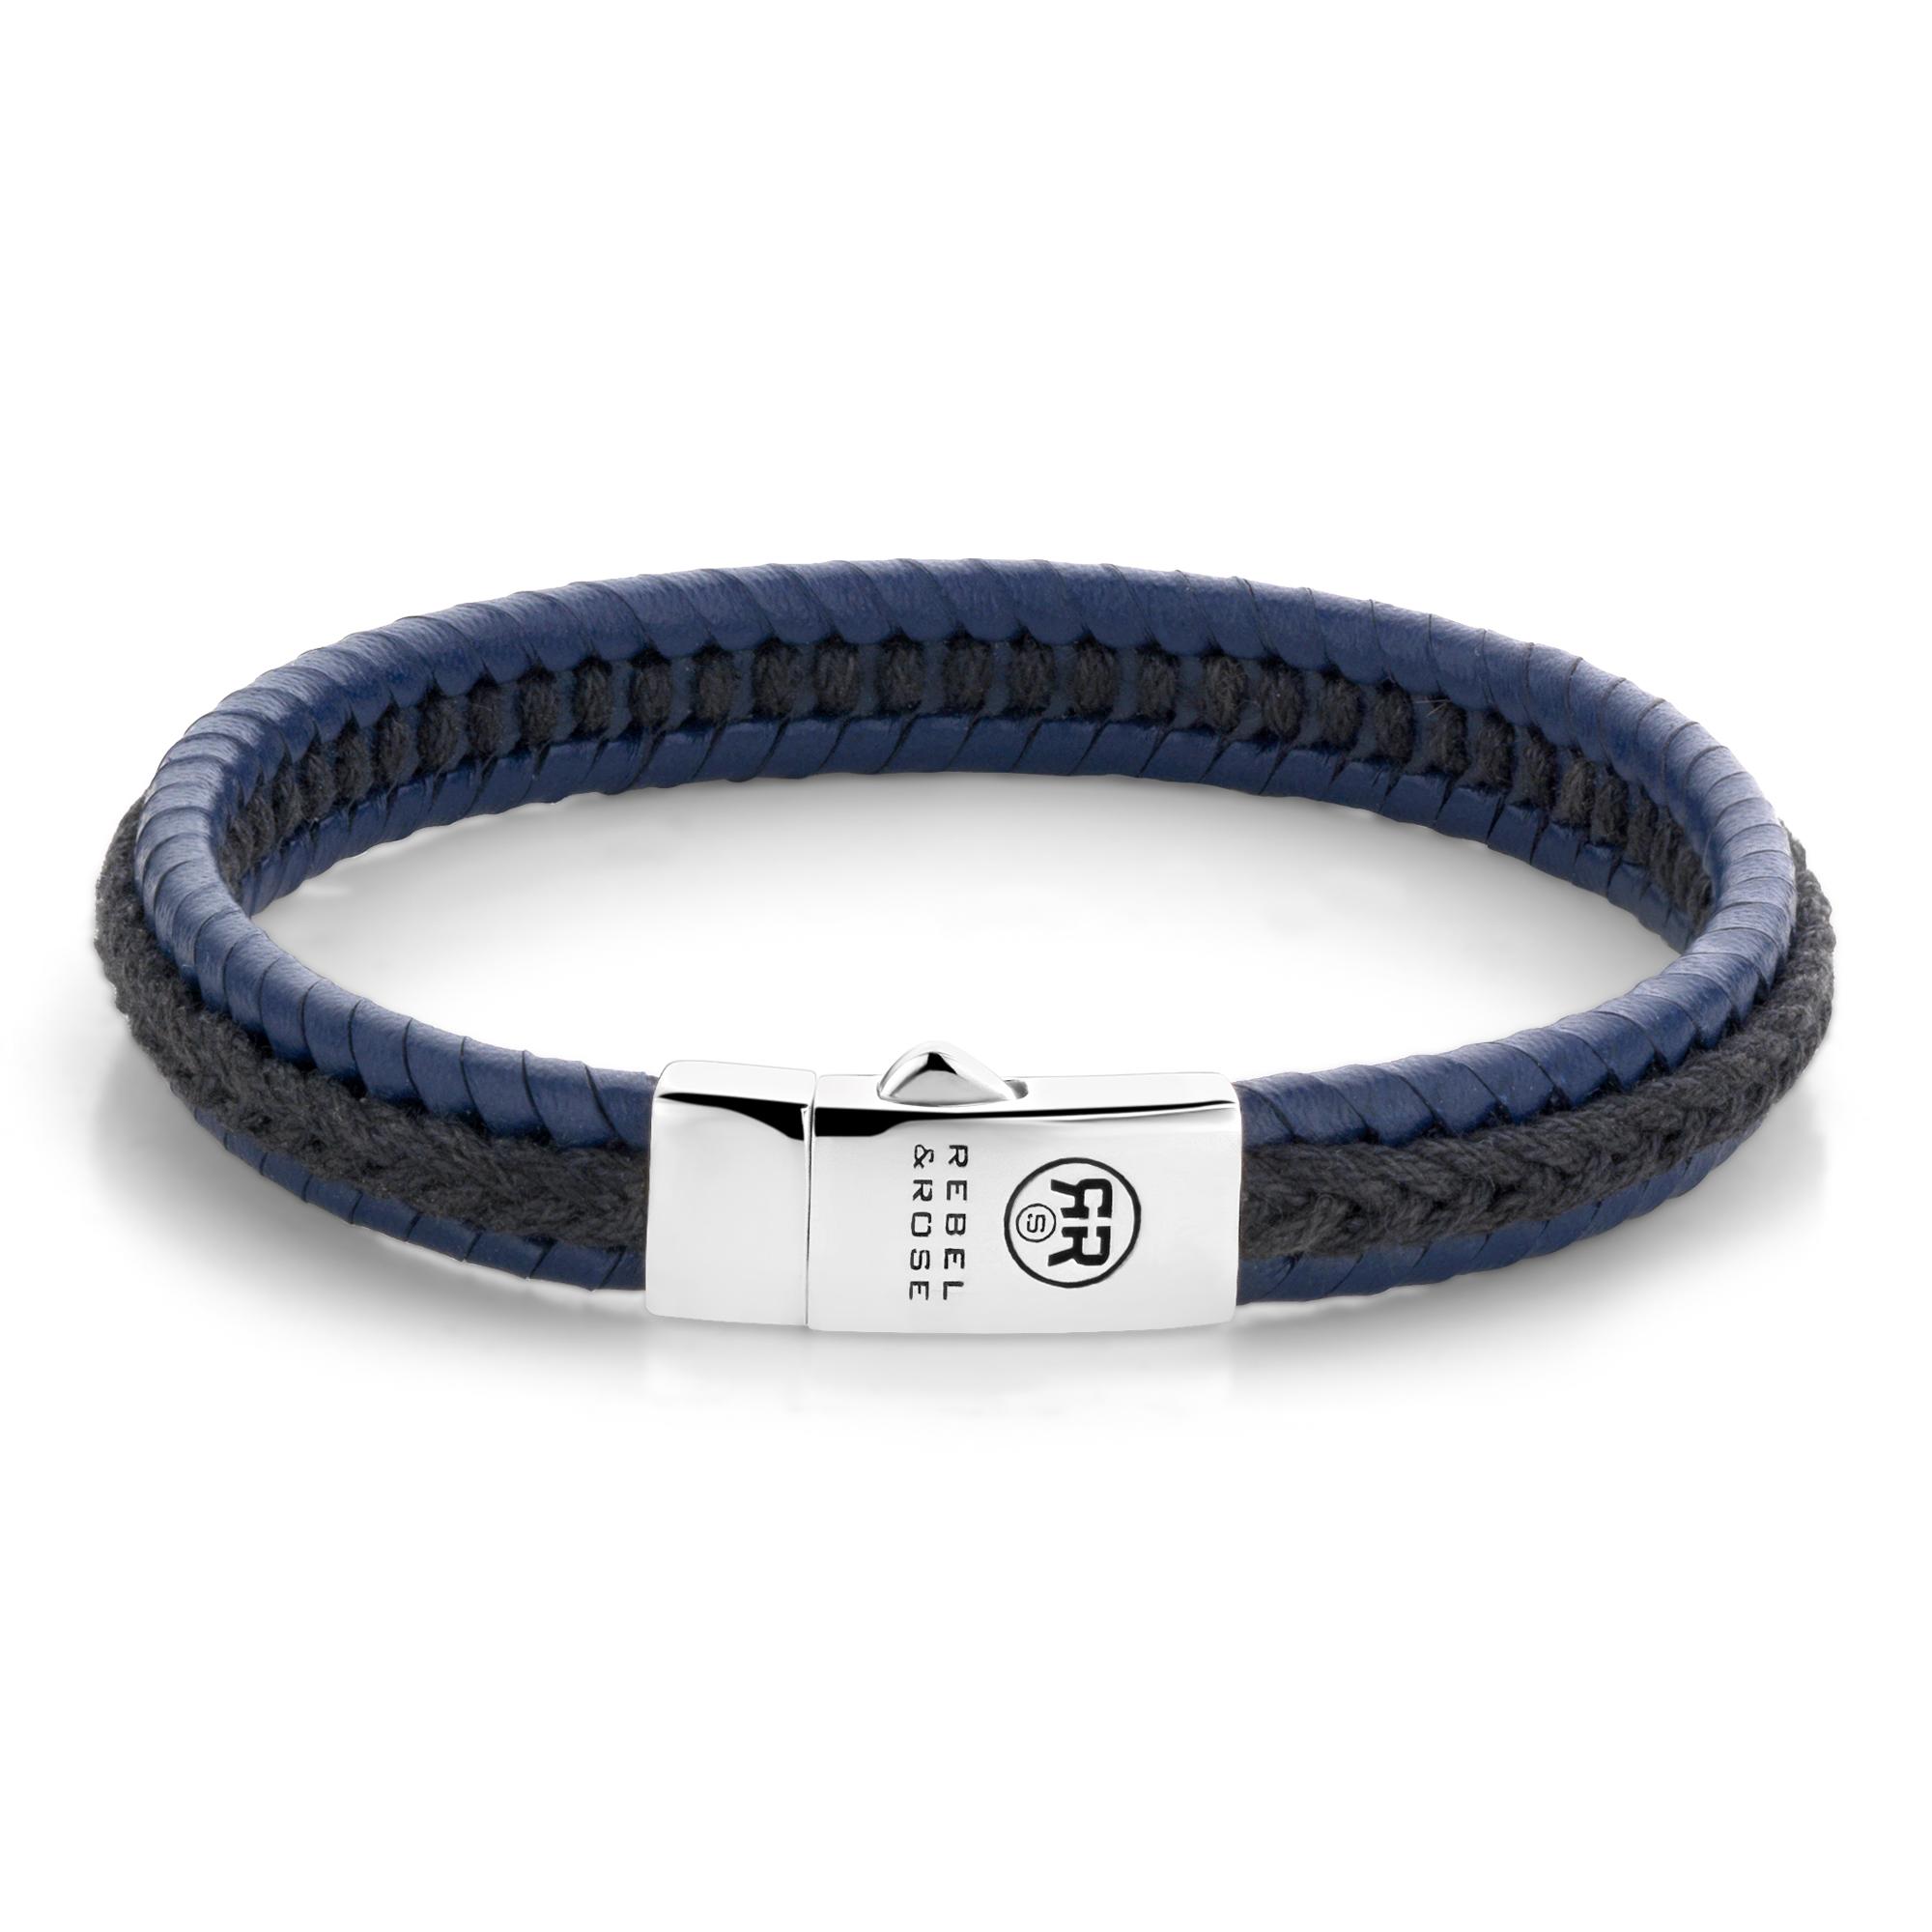 Rebel and Rose RR L0066 S L Armband Dual Twisted Black Blue leder zilver zwart blauw 9 mm XL 23 cm